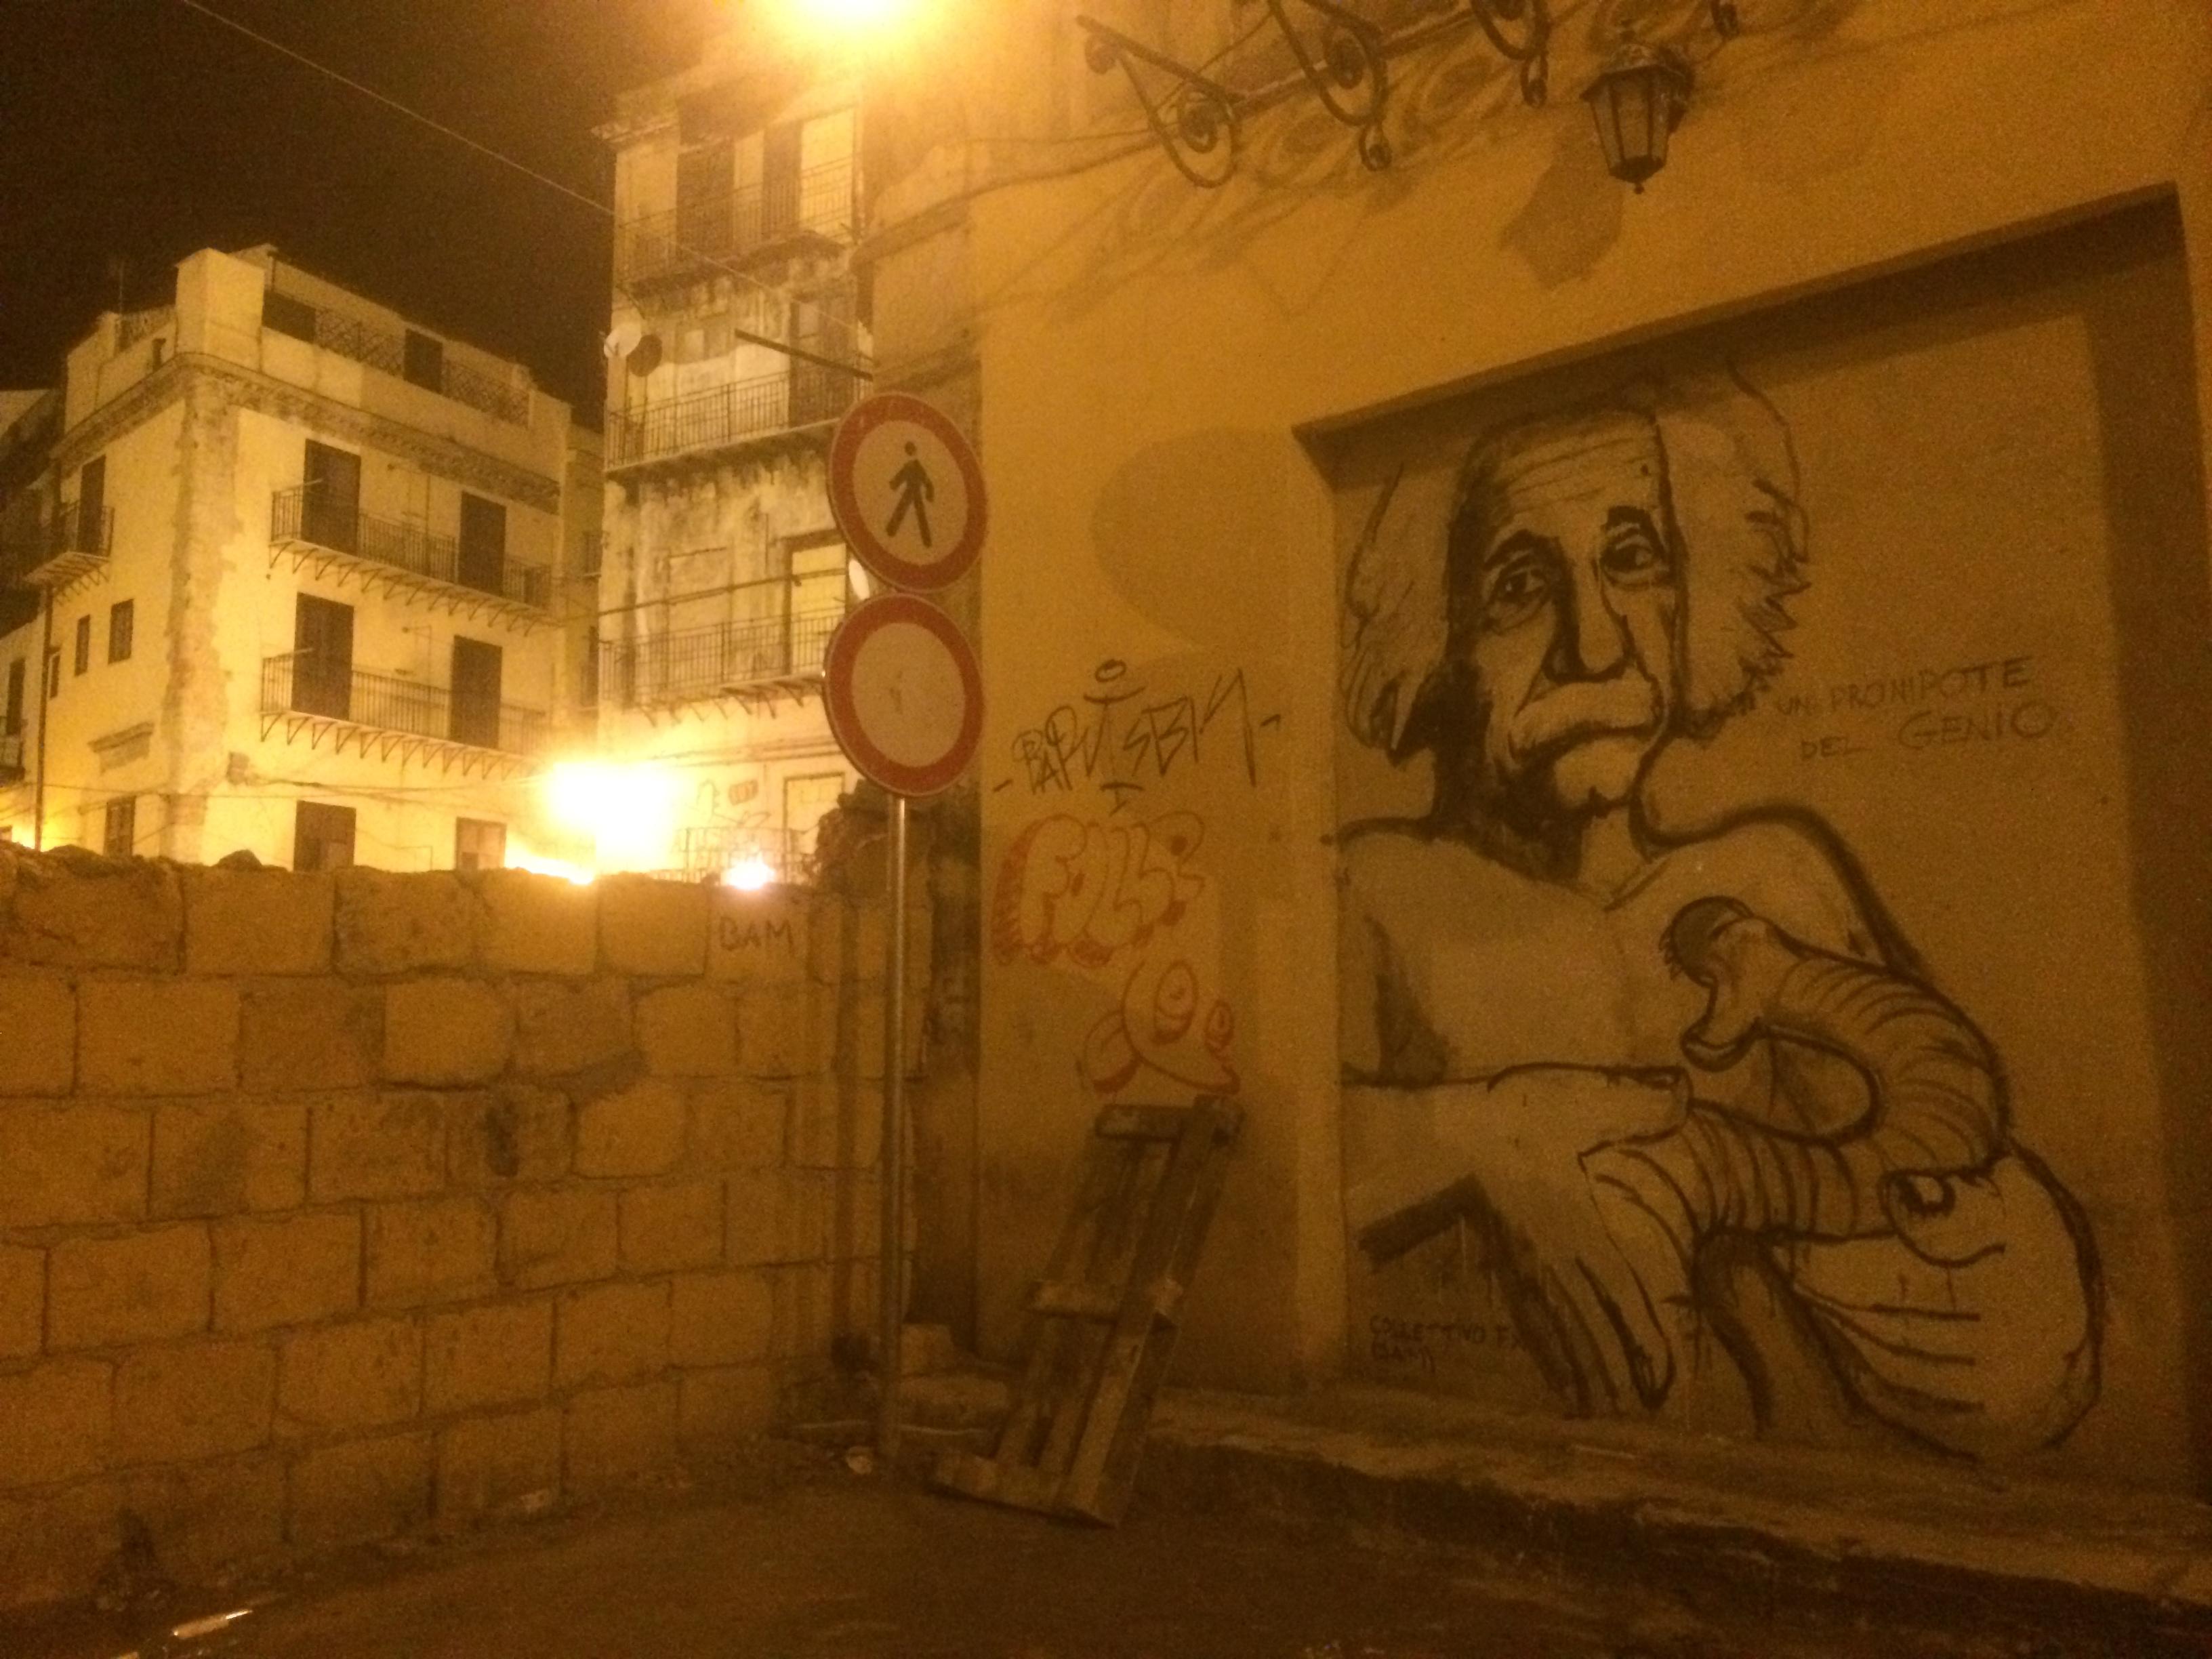 collettivo-fx-new-mural-in-palermo-09